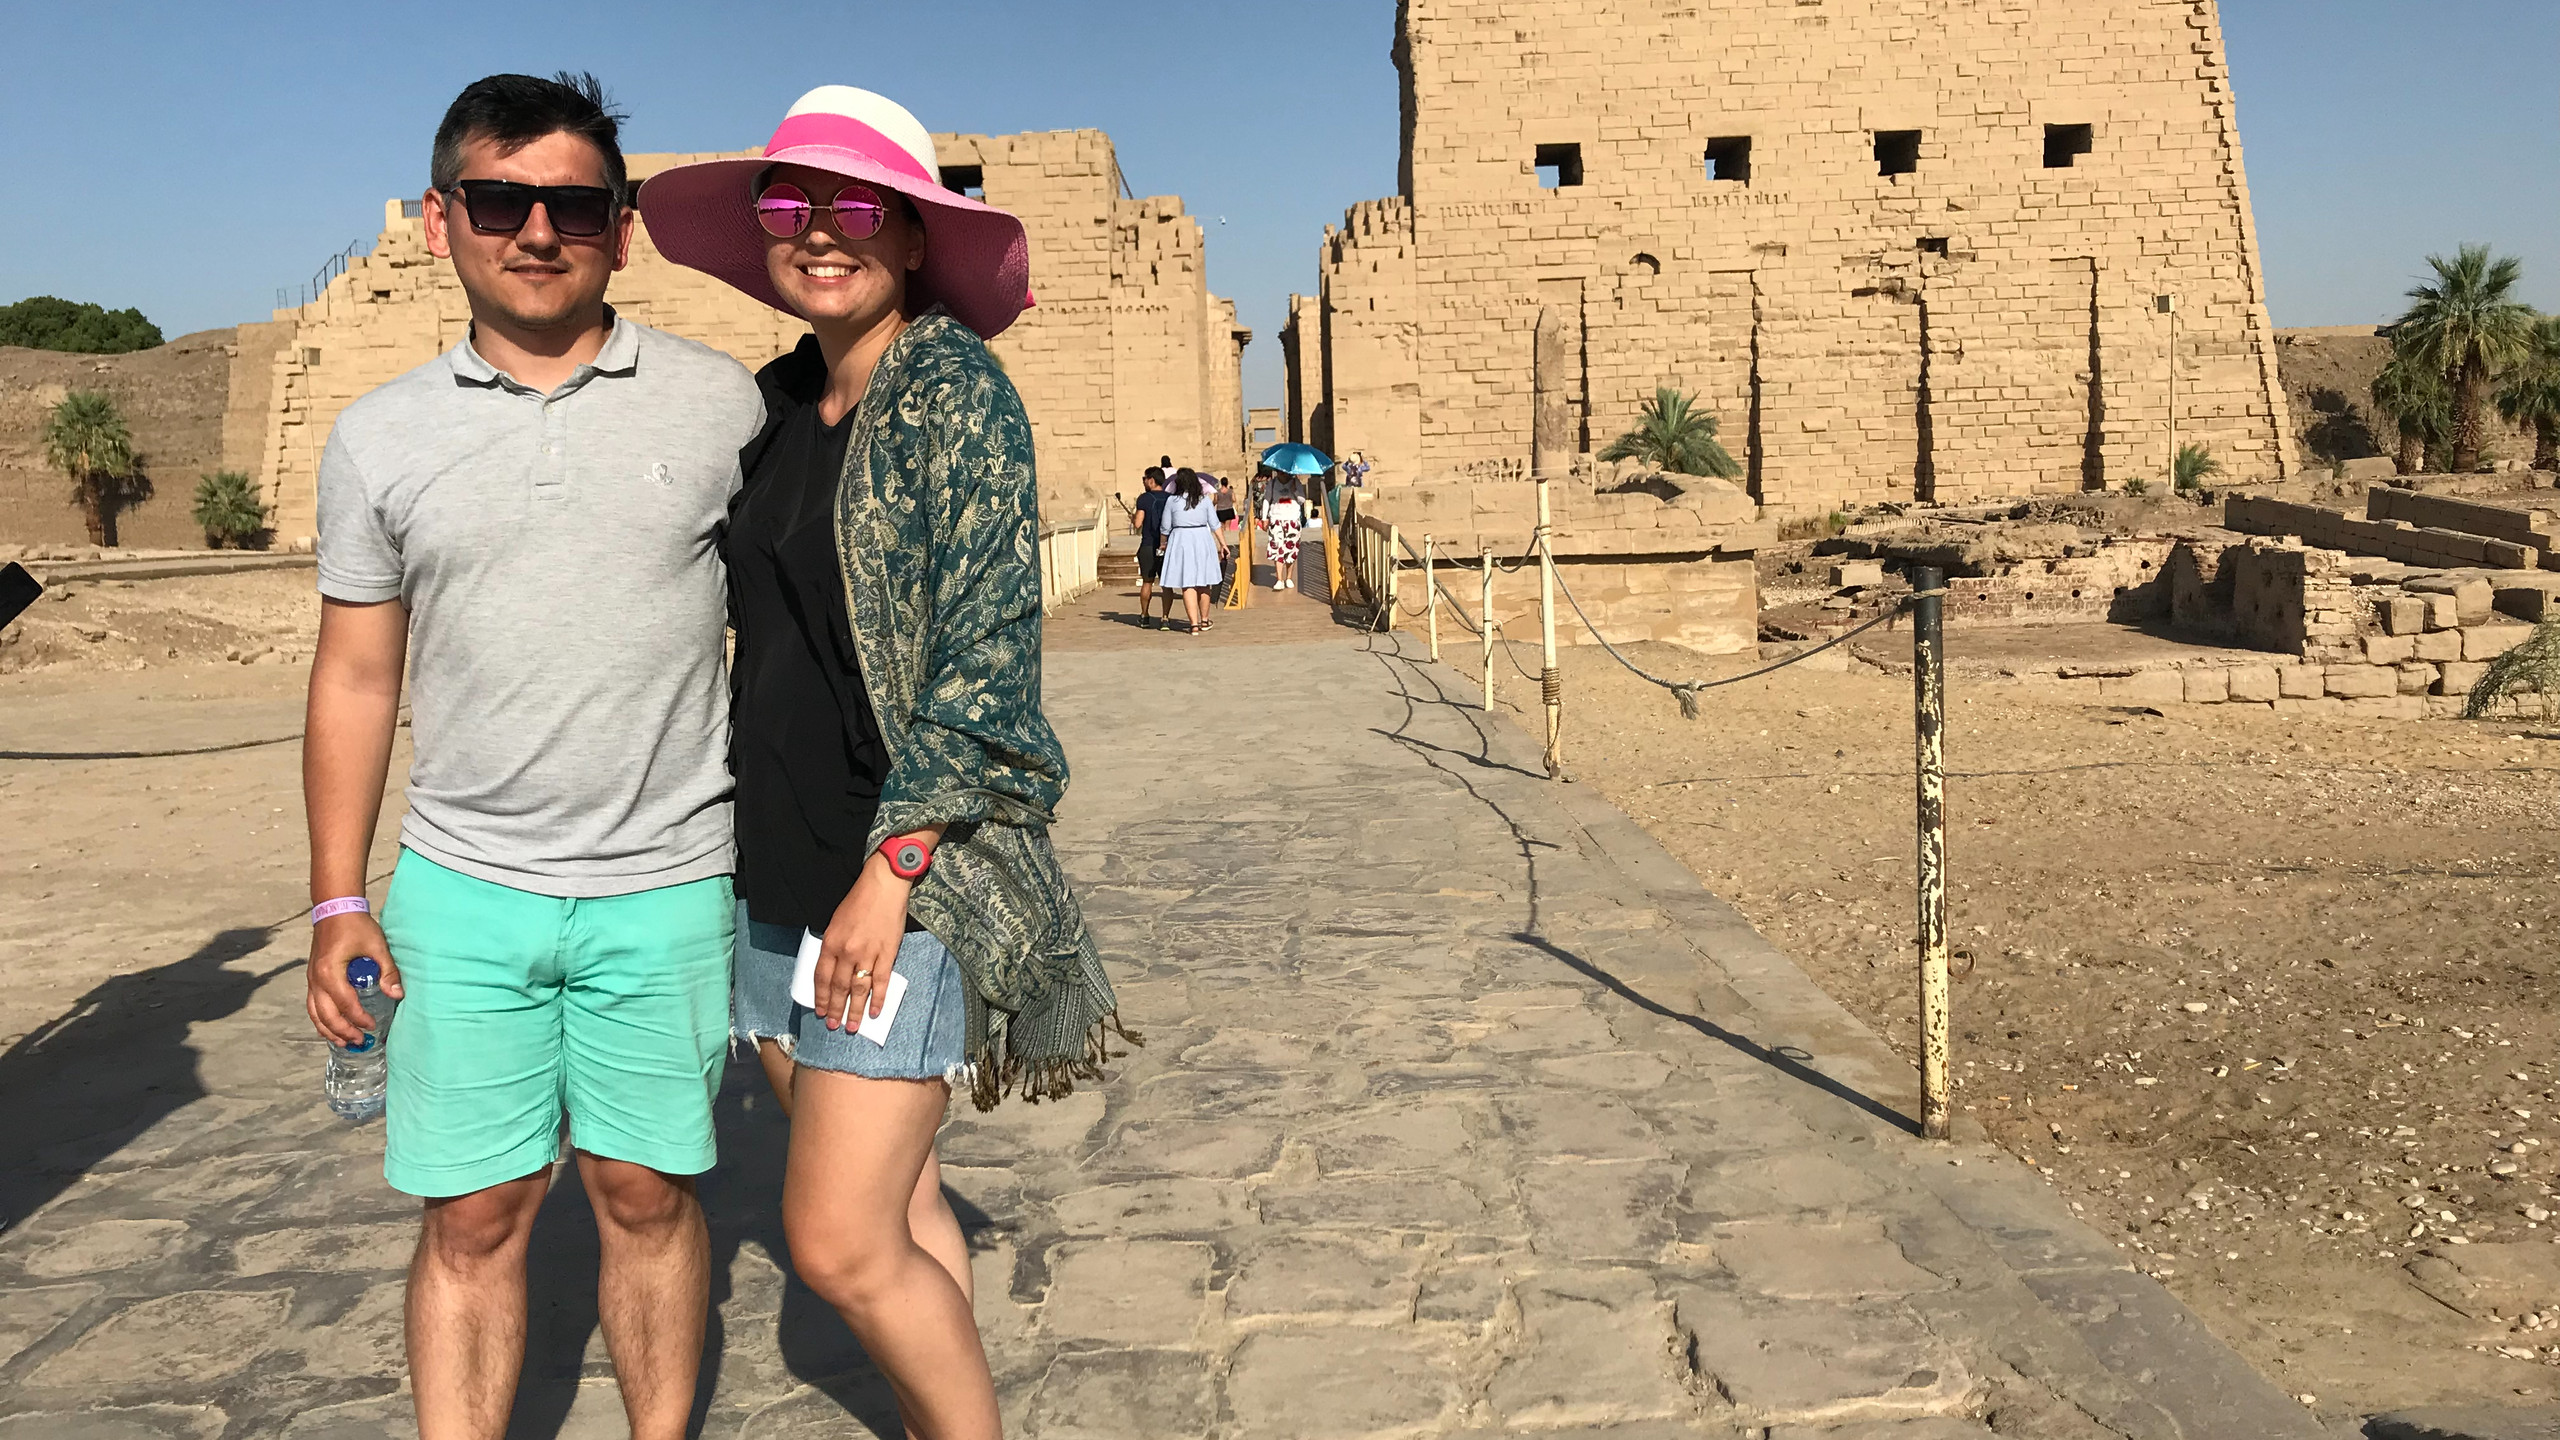 La Templul Karnak